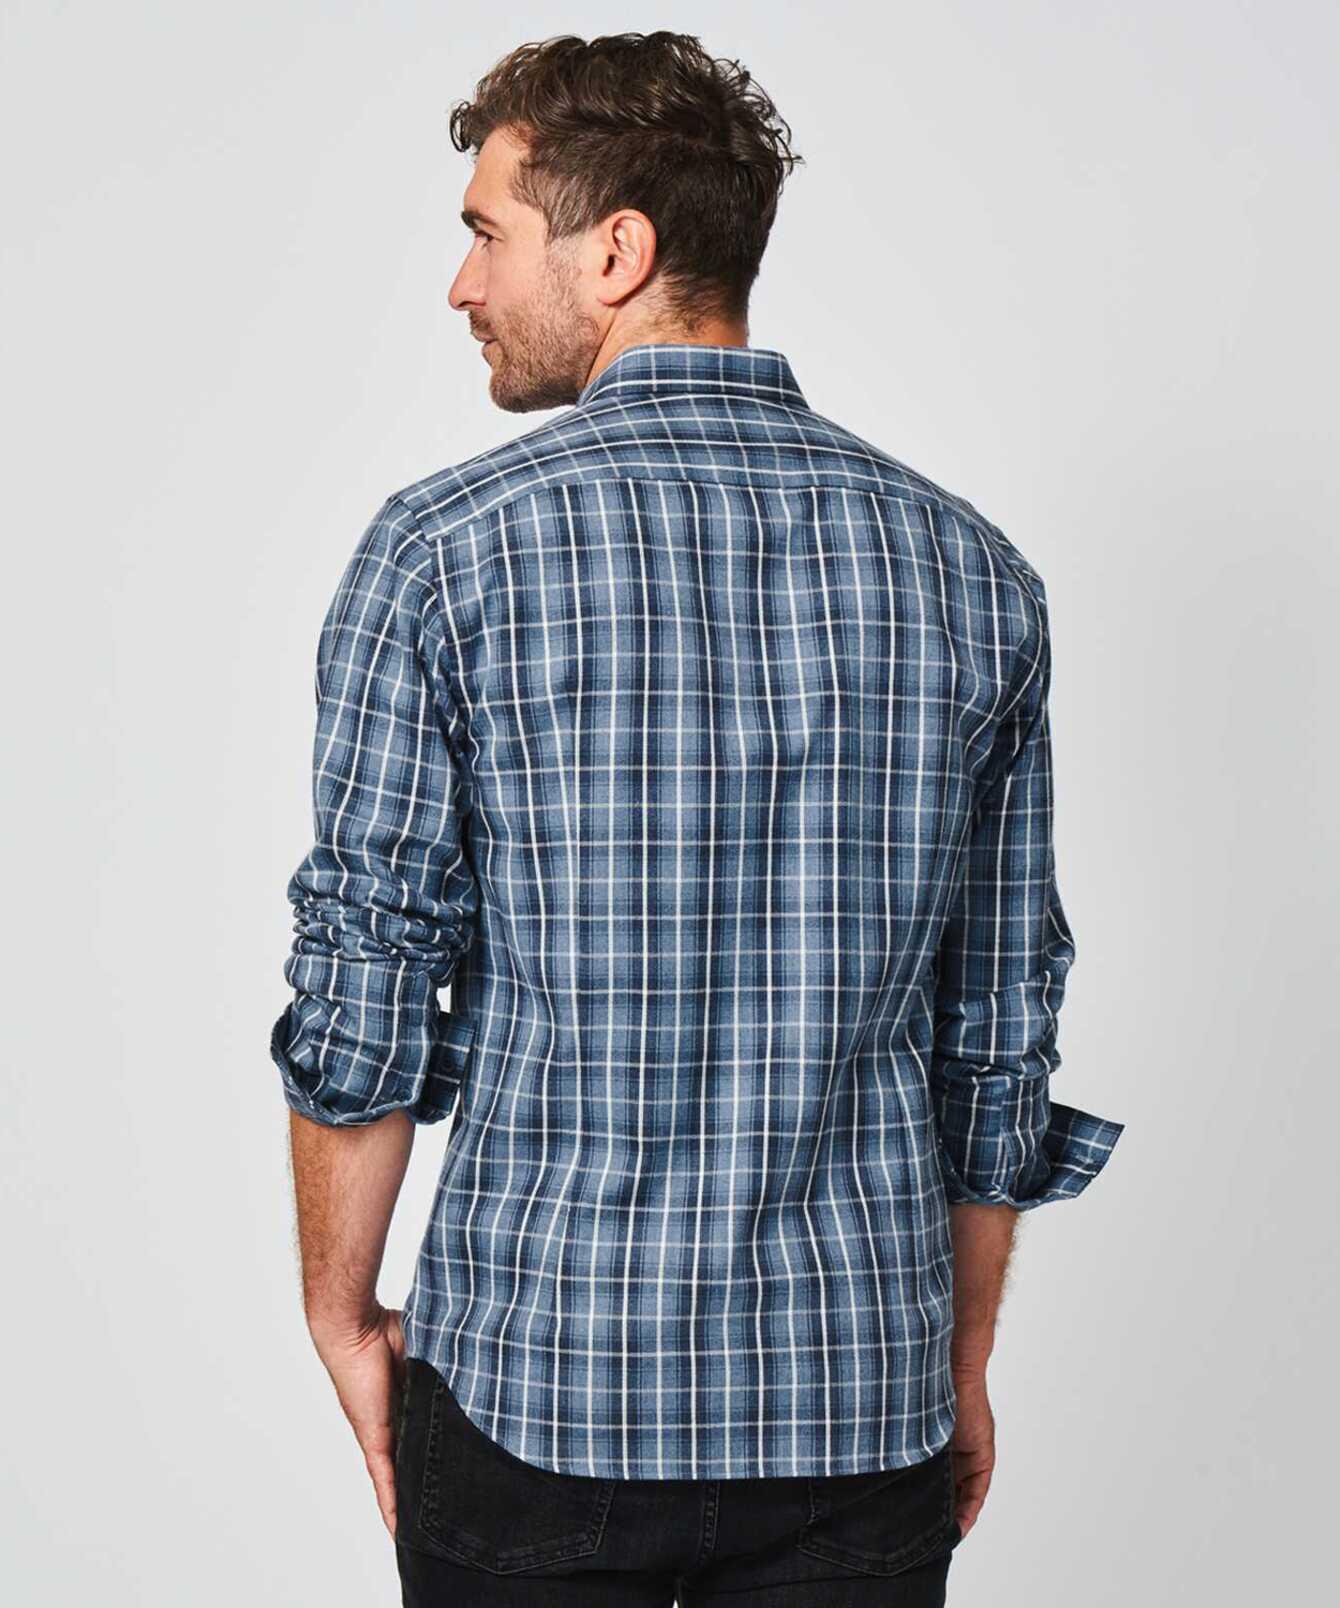 Skjorta Whistler The Shirt Factory